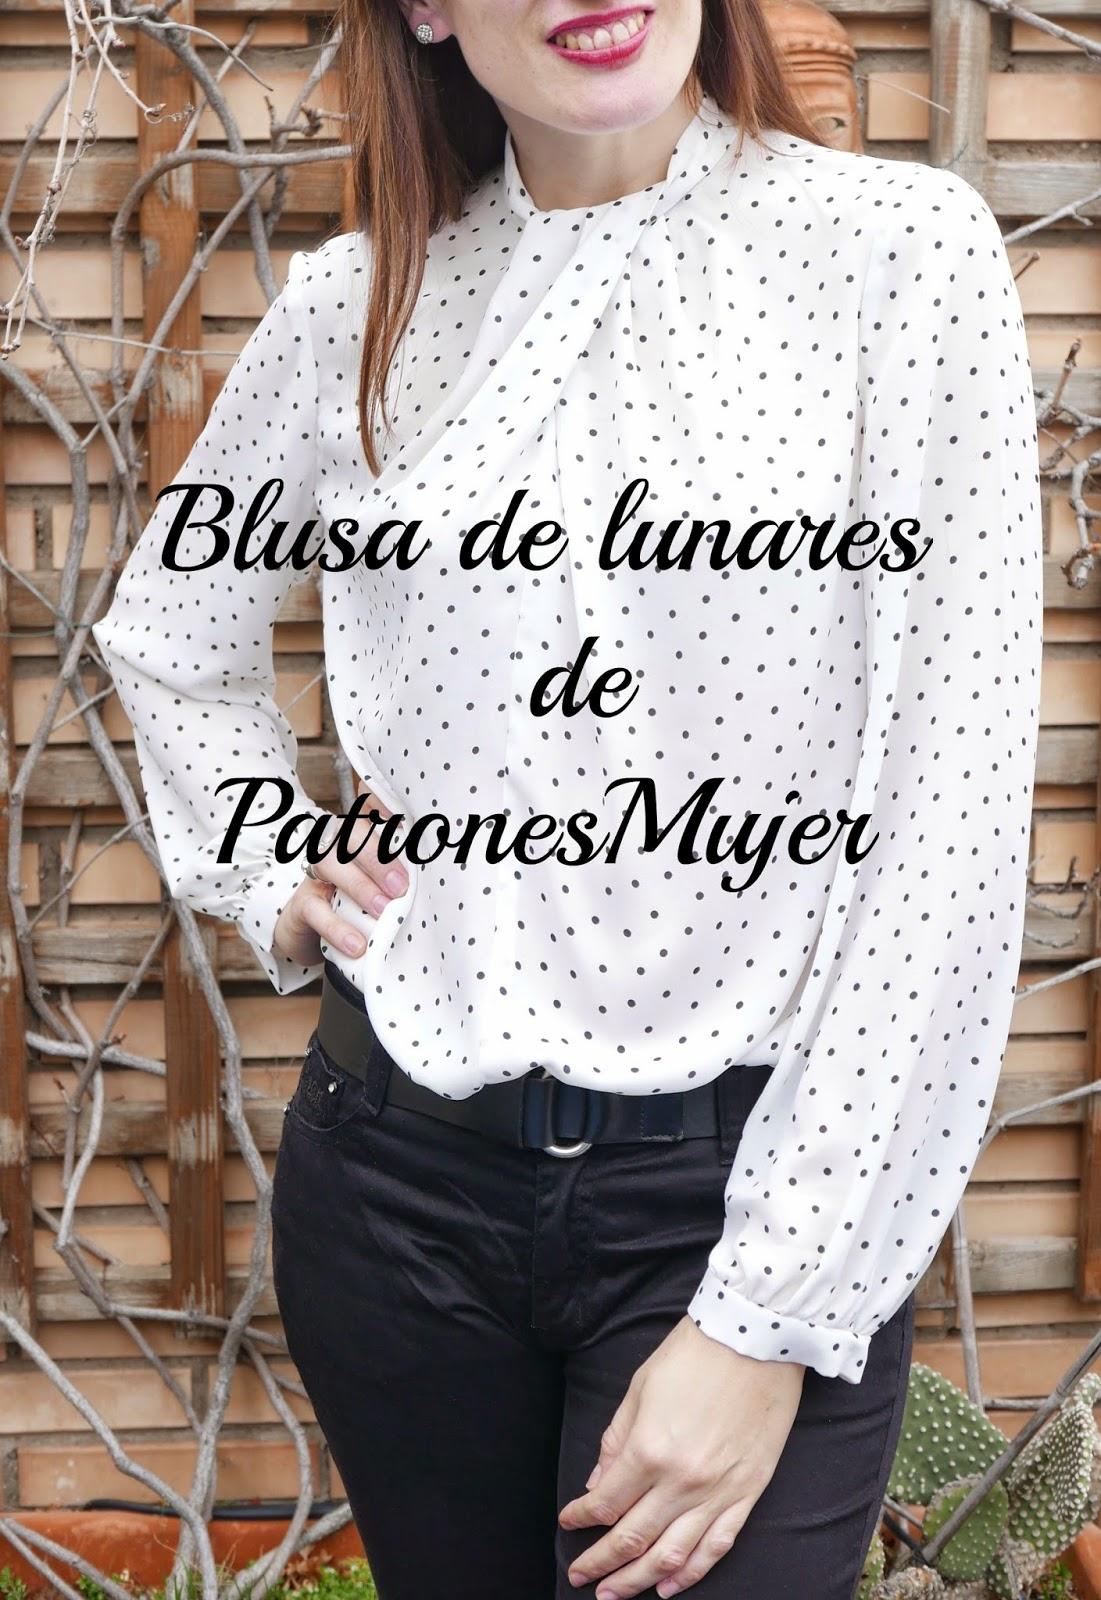 599633b5c Blusa de lunares de patrones mujer ~ Moda en la Costura